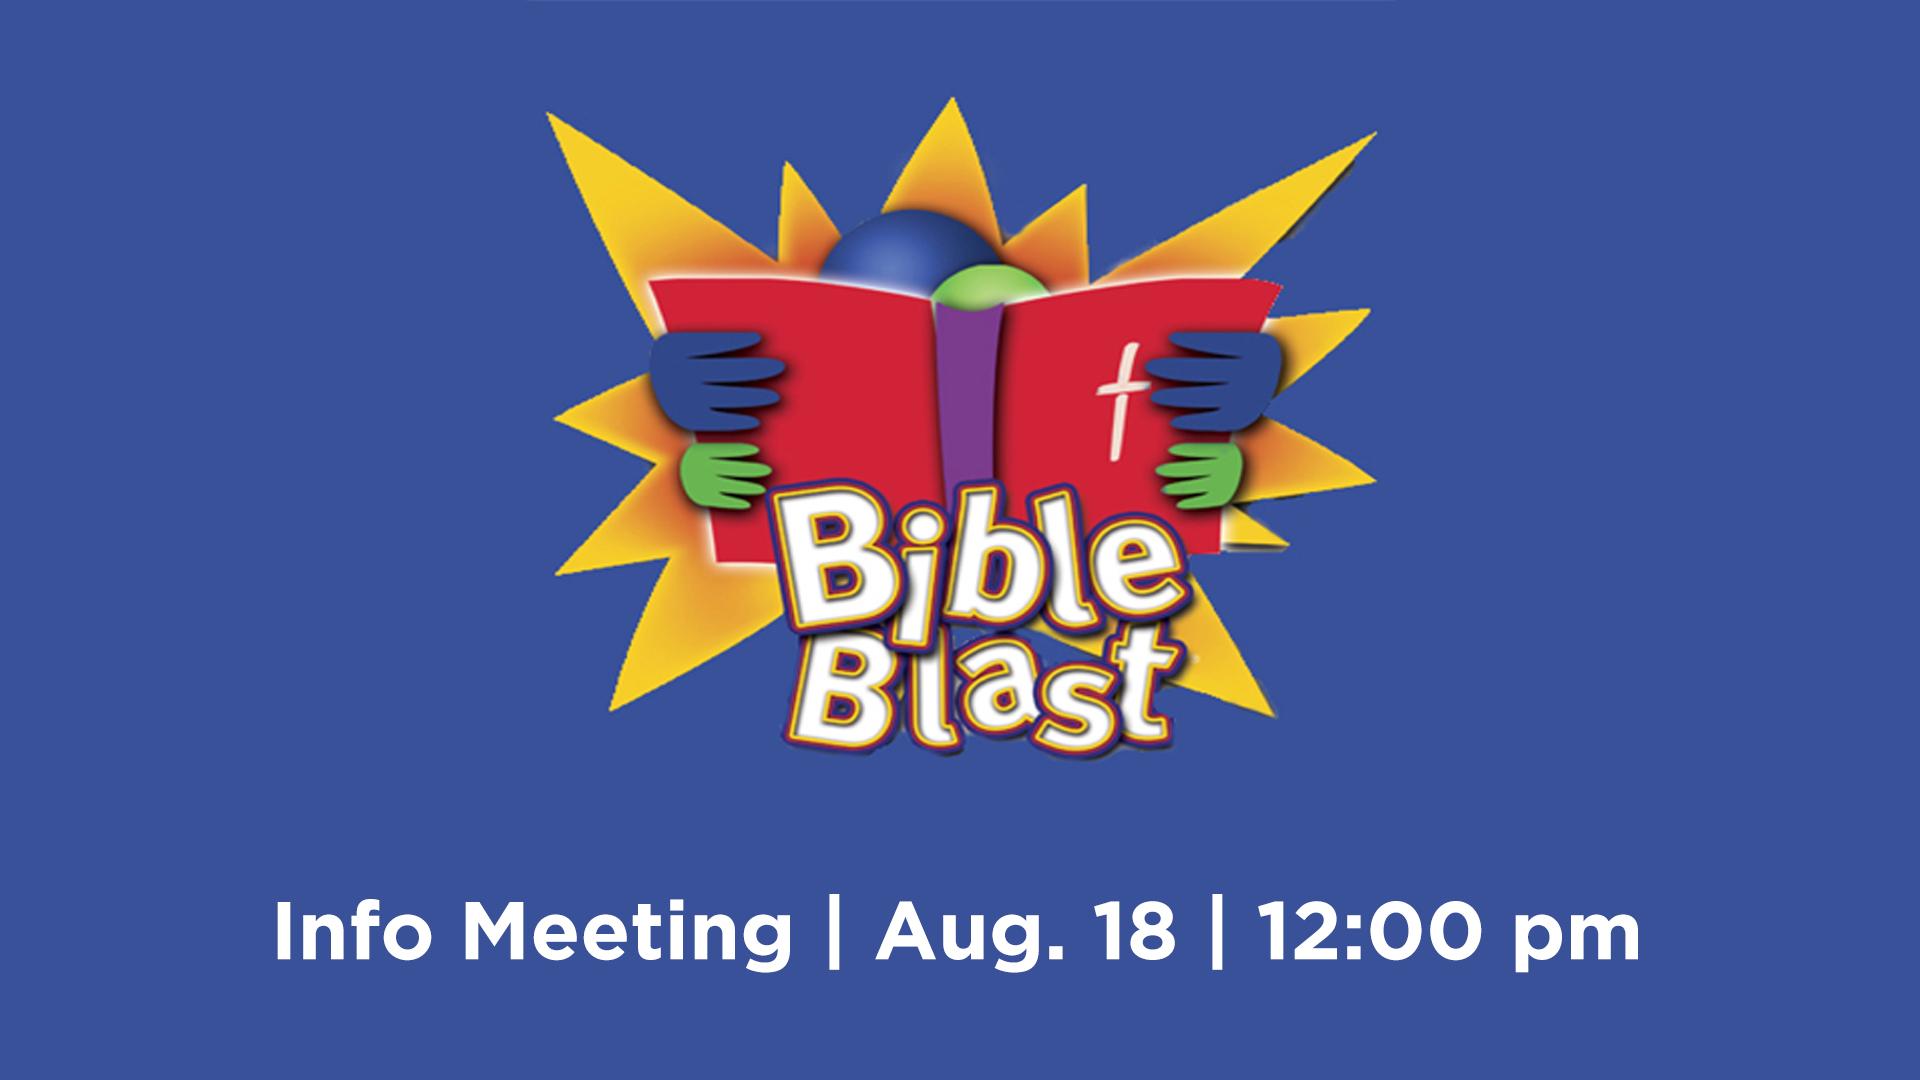 Bible-Blast-Info-Meeting.jpg